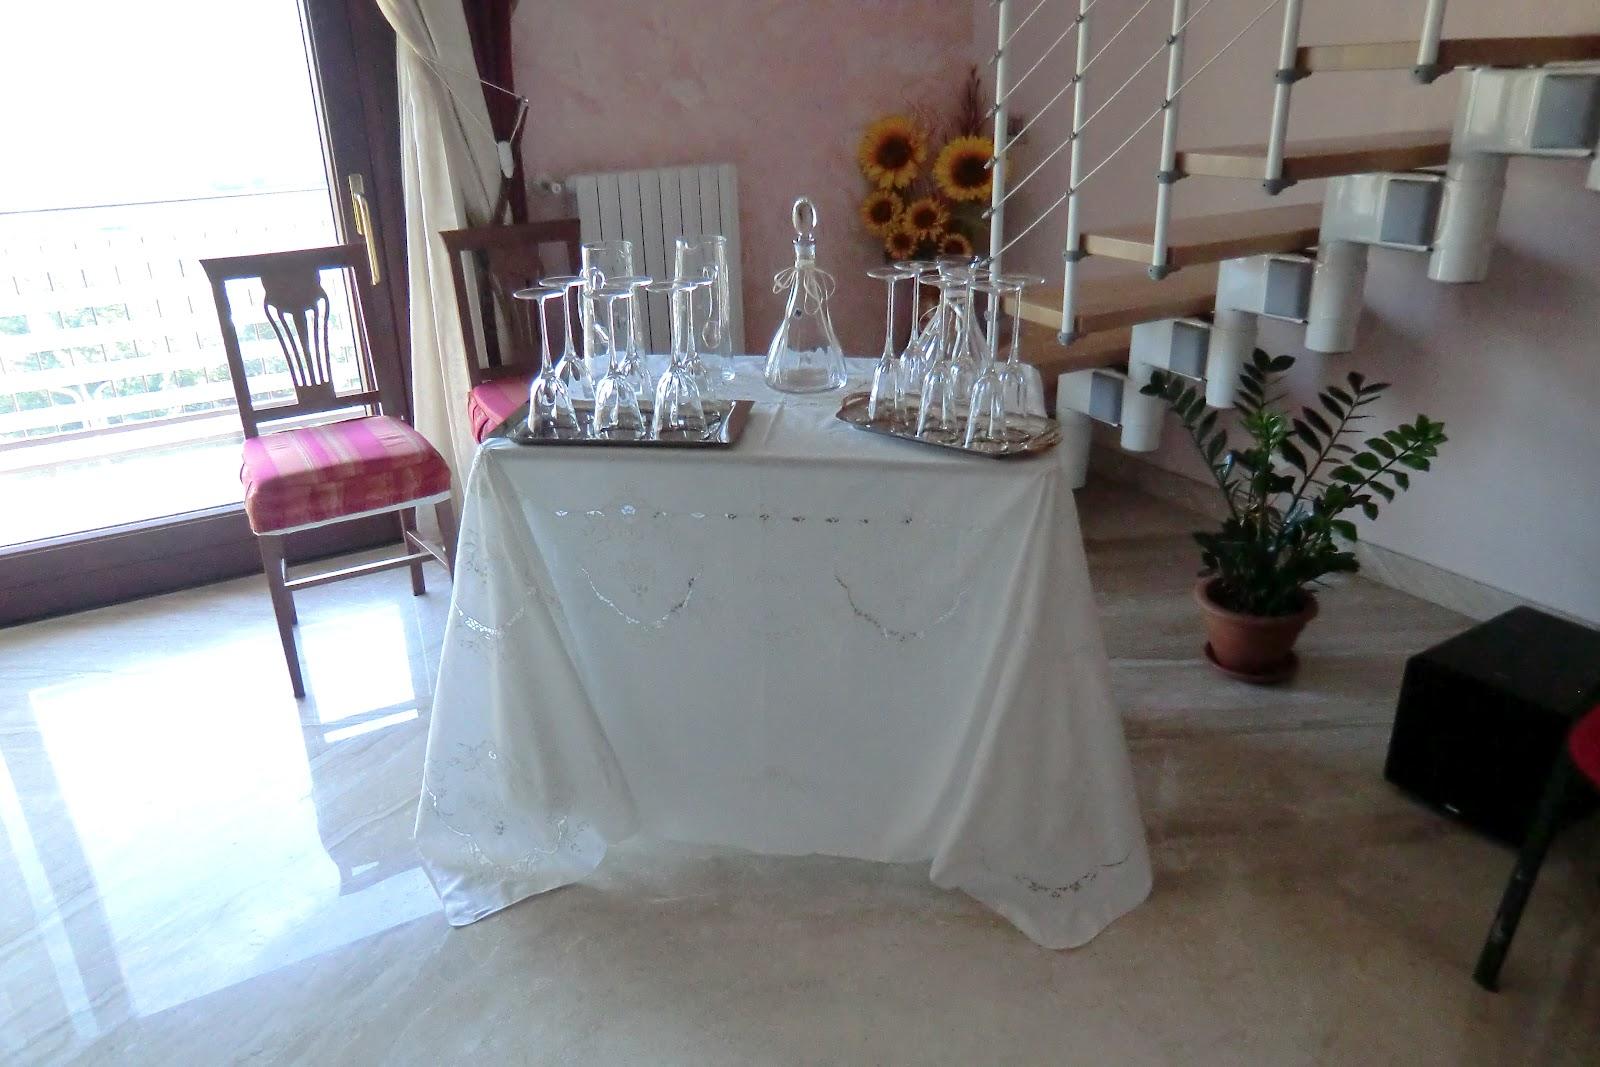 Come addobbare la casa dello sposo 28 images addobbi a - Addobbi matrimonio casa dello sposo ...